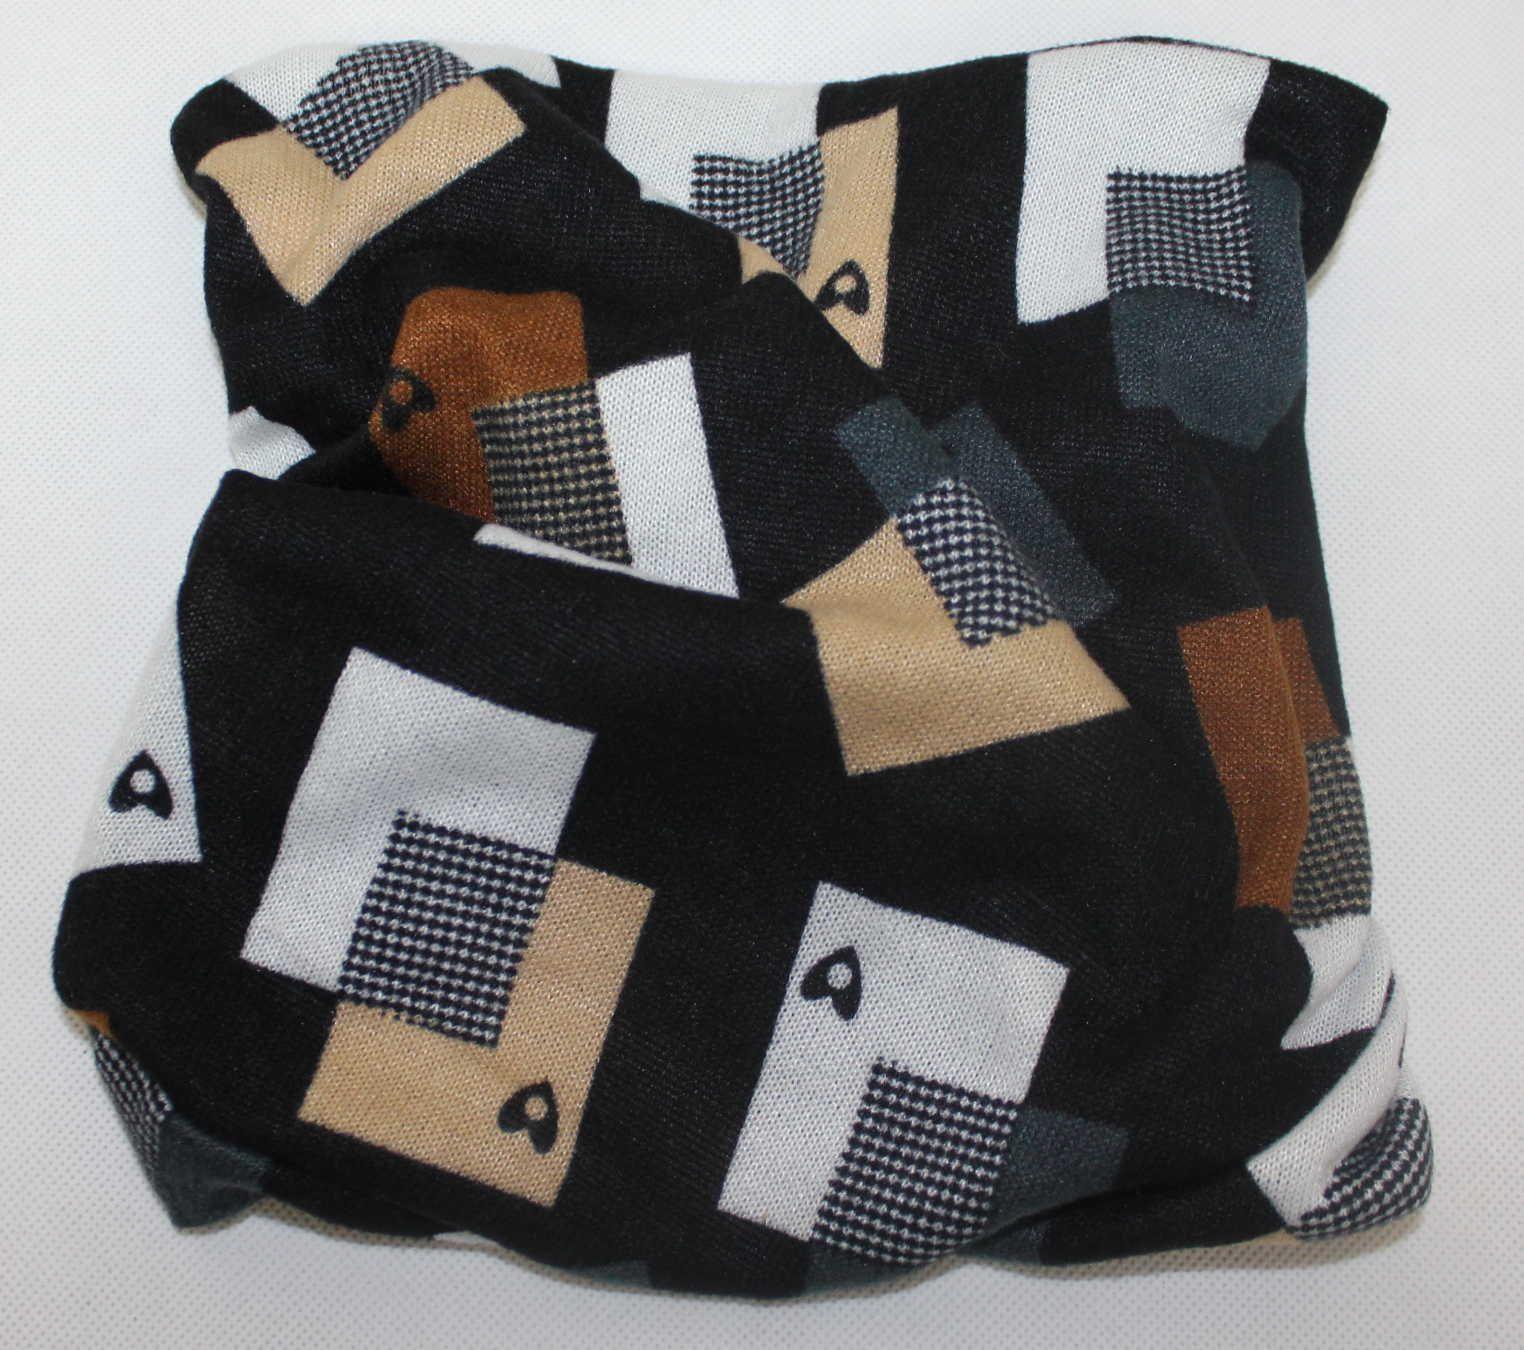 Šátek, nákrčník, dětský nákrčník, dámský nákrčník, dámská čepice, dětská čepice